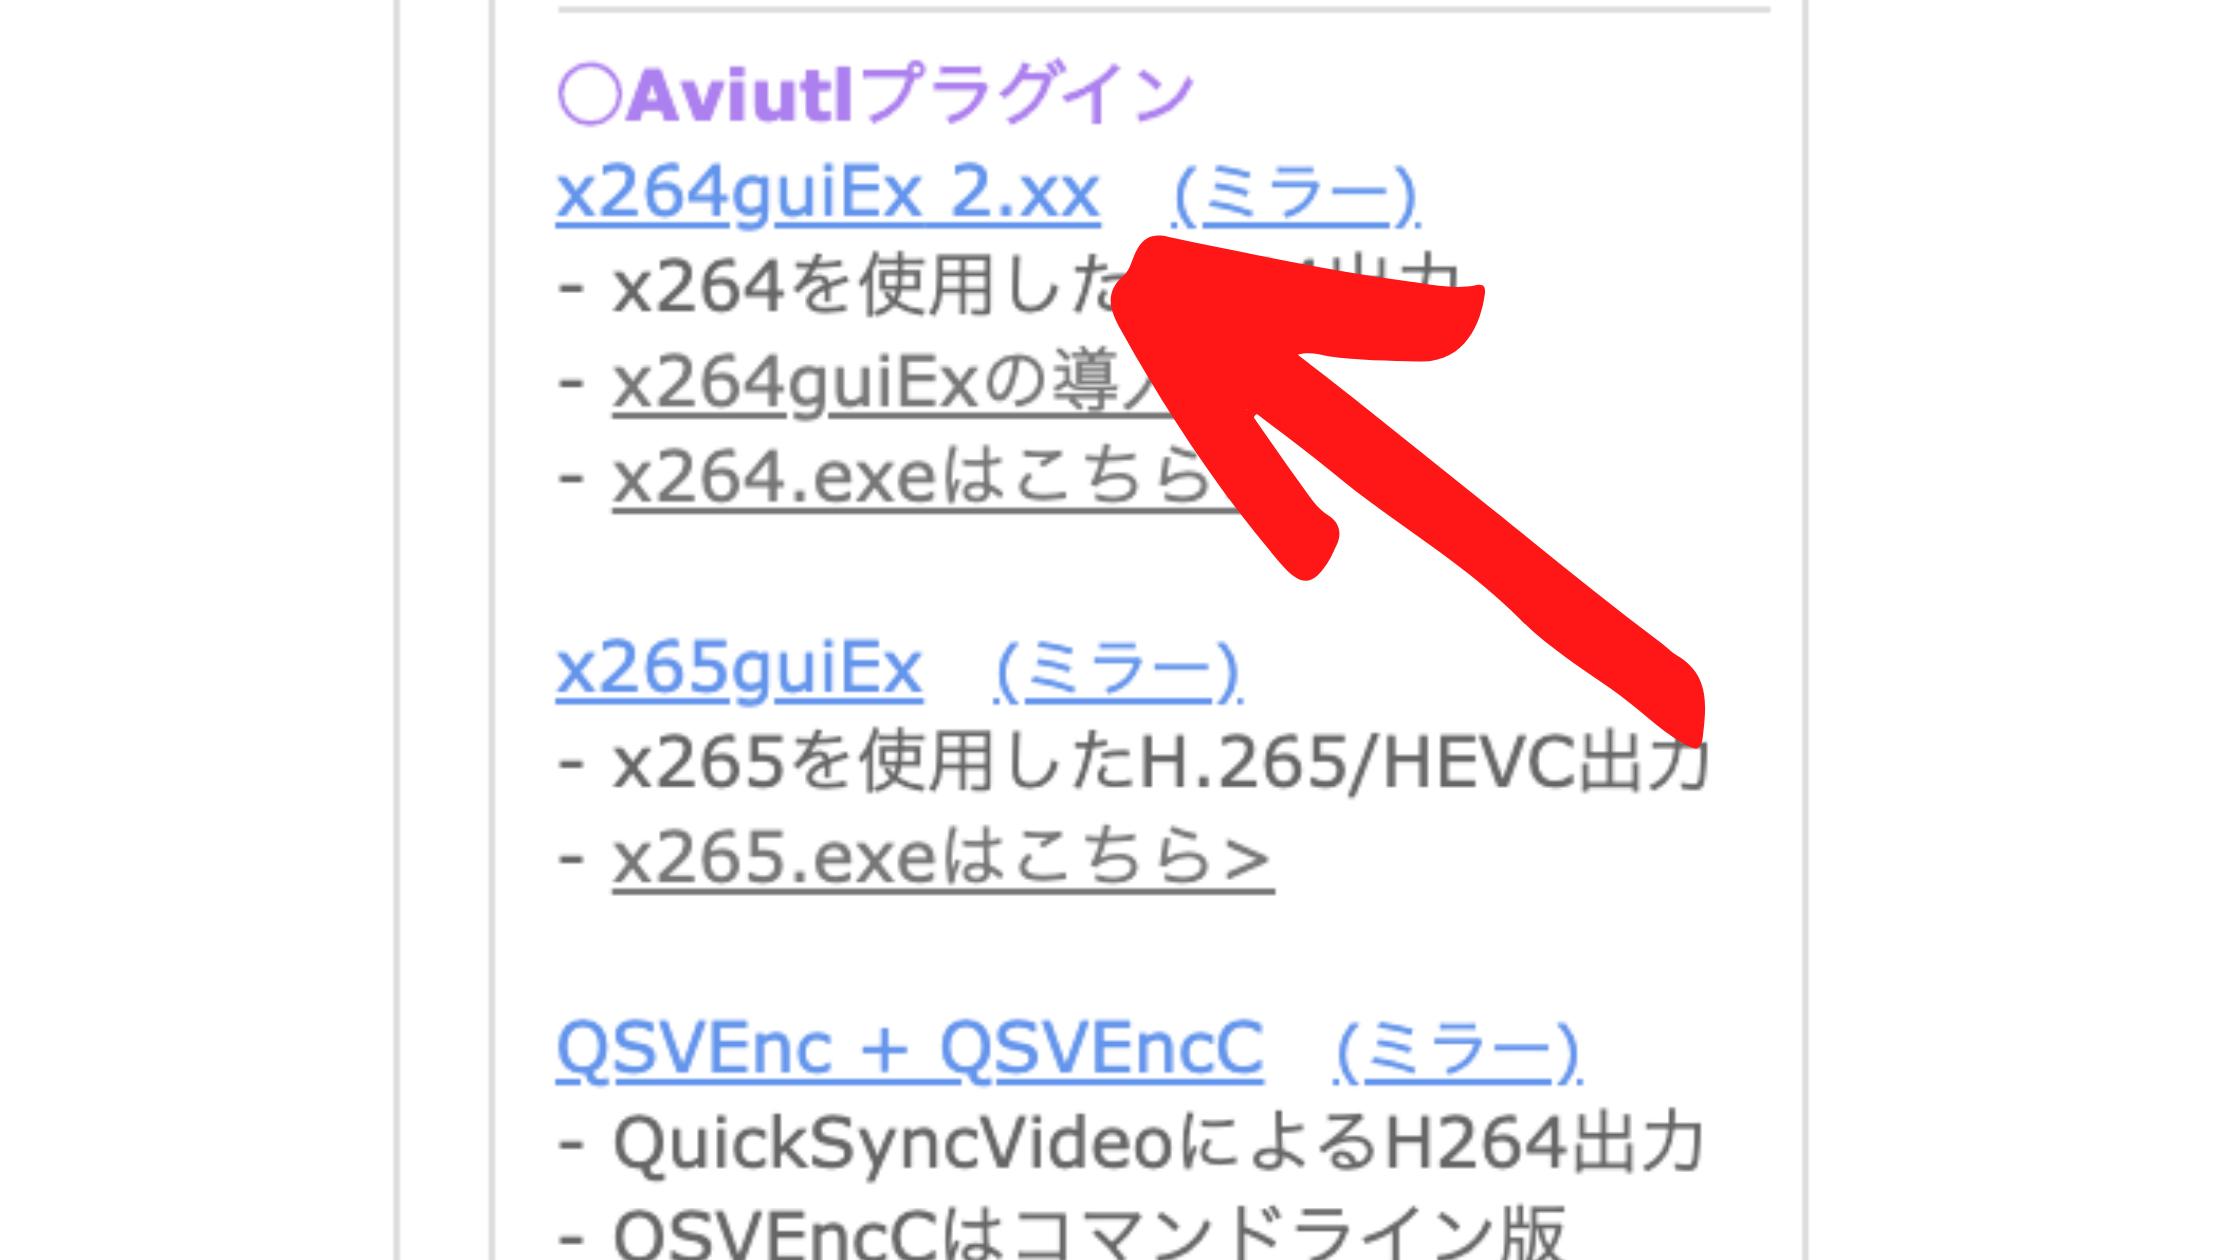 x264guiExの導入方法